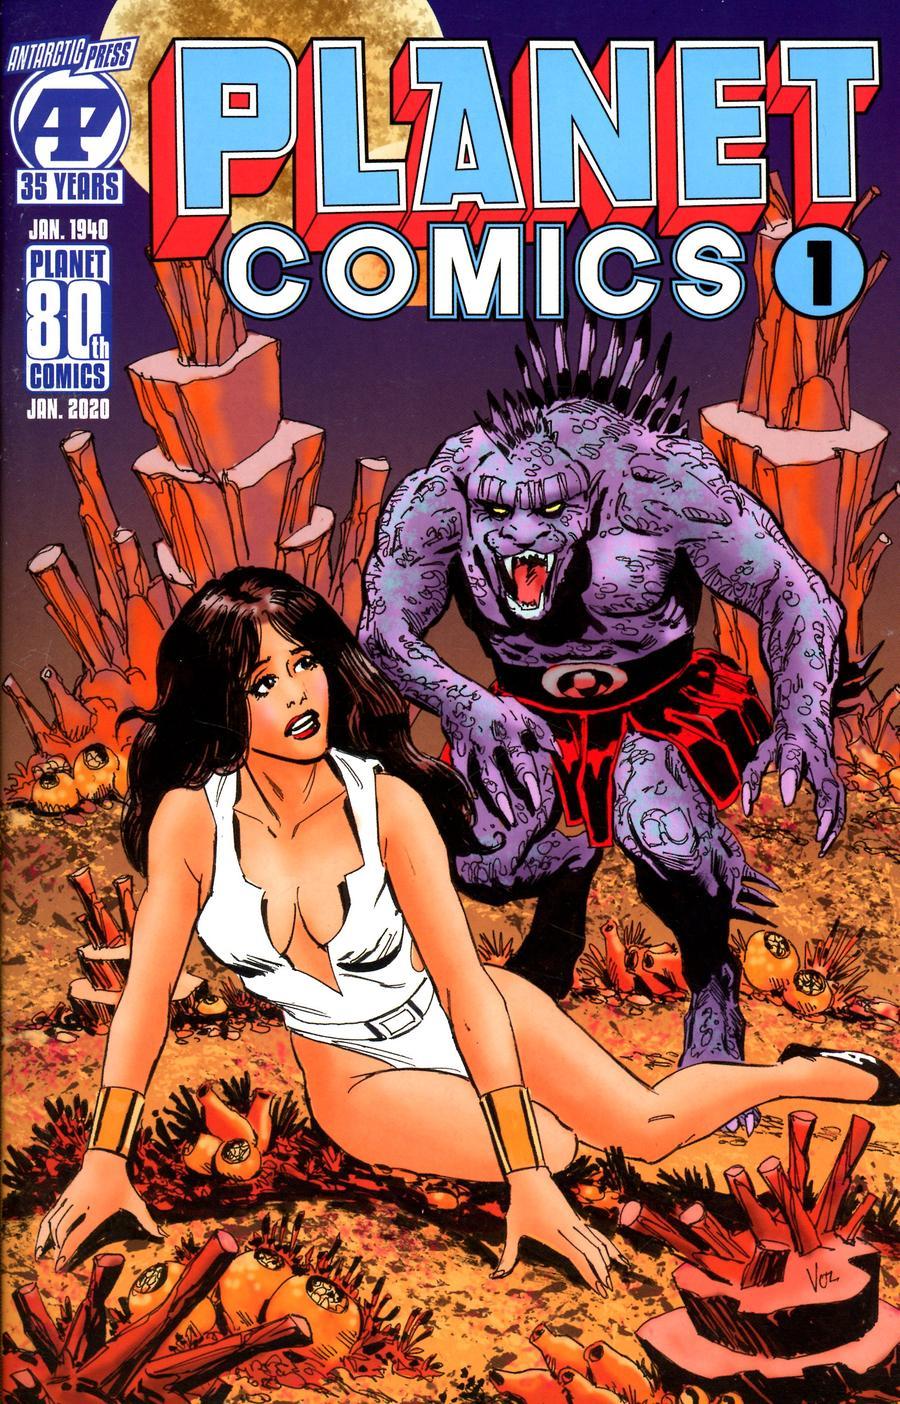 Planet Comics Vol 2 #1 Cover A Regular Mike Vosburg Cover